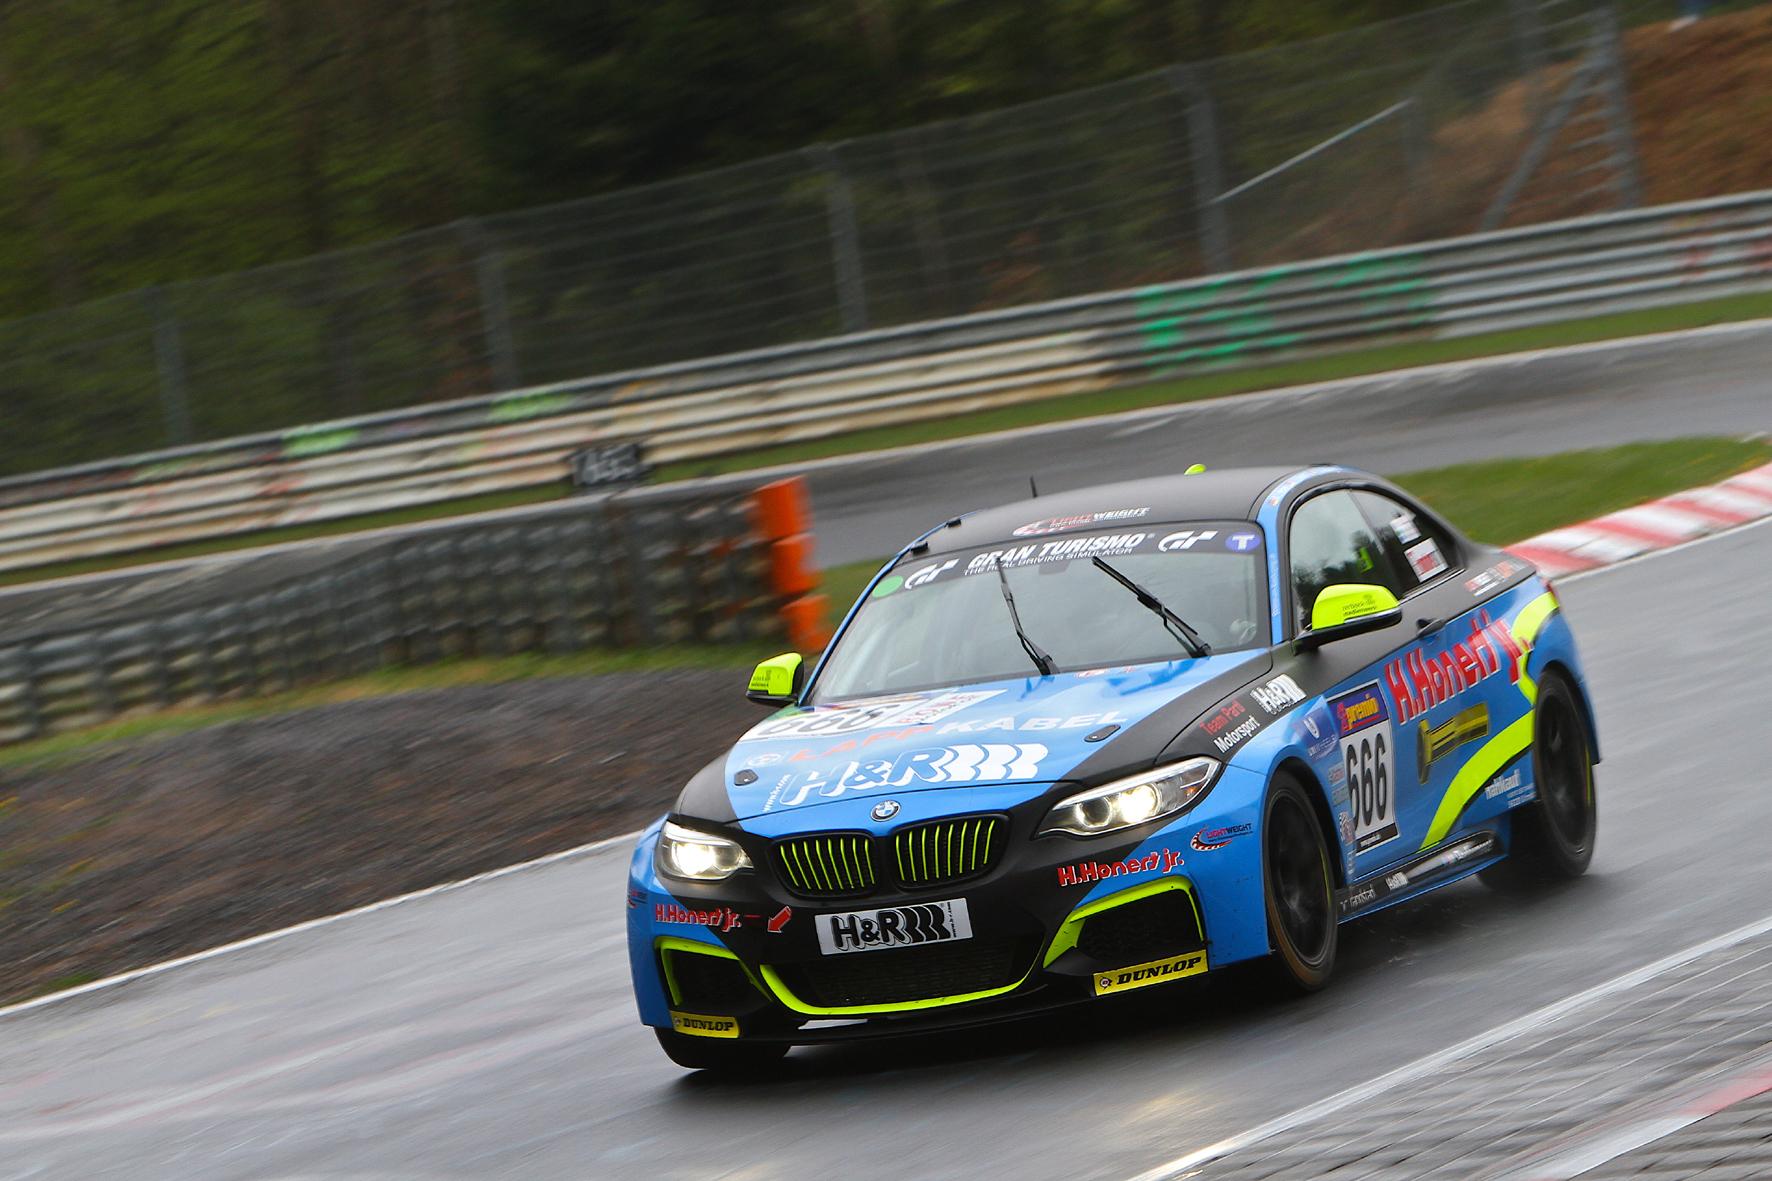 mid Düsseldorf - Das neue Rennsportgetriebe 8P45R von ZF hat jetzt in einem speziell ausgerüsteten BMW M235i Racing seine Feuertaufe auf der Nürburgring Nordschleife bestanden.